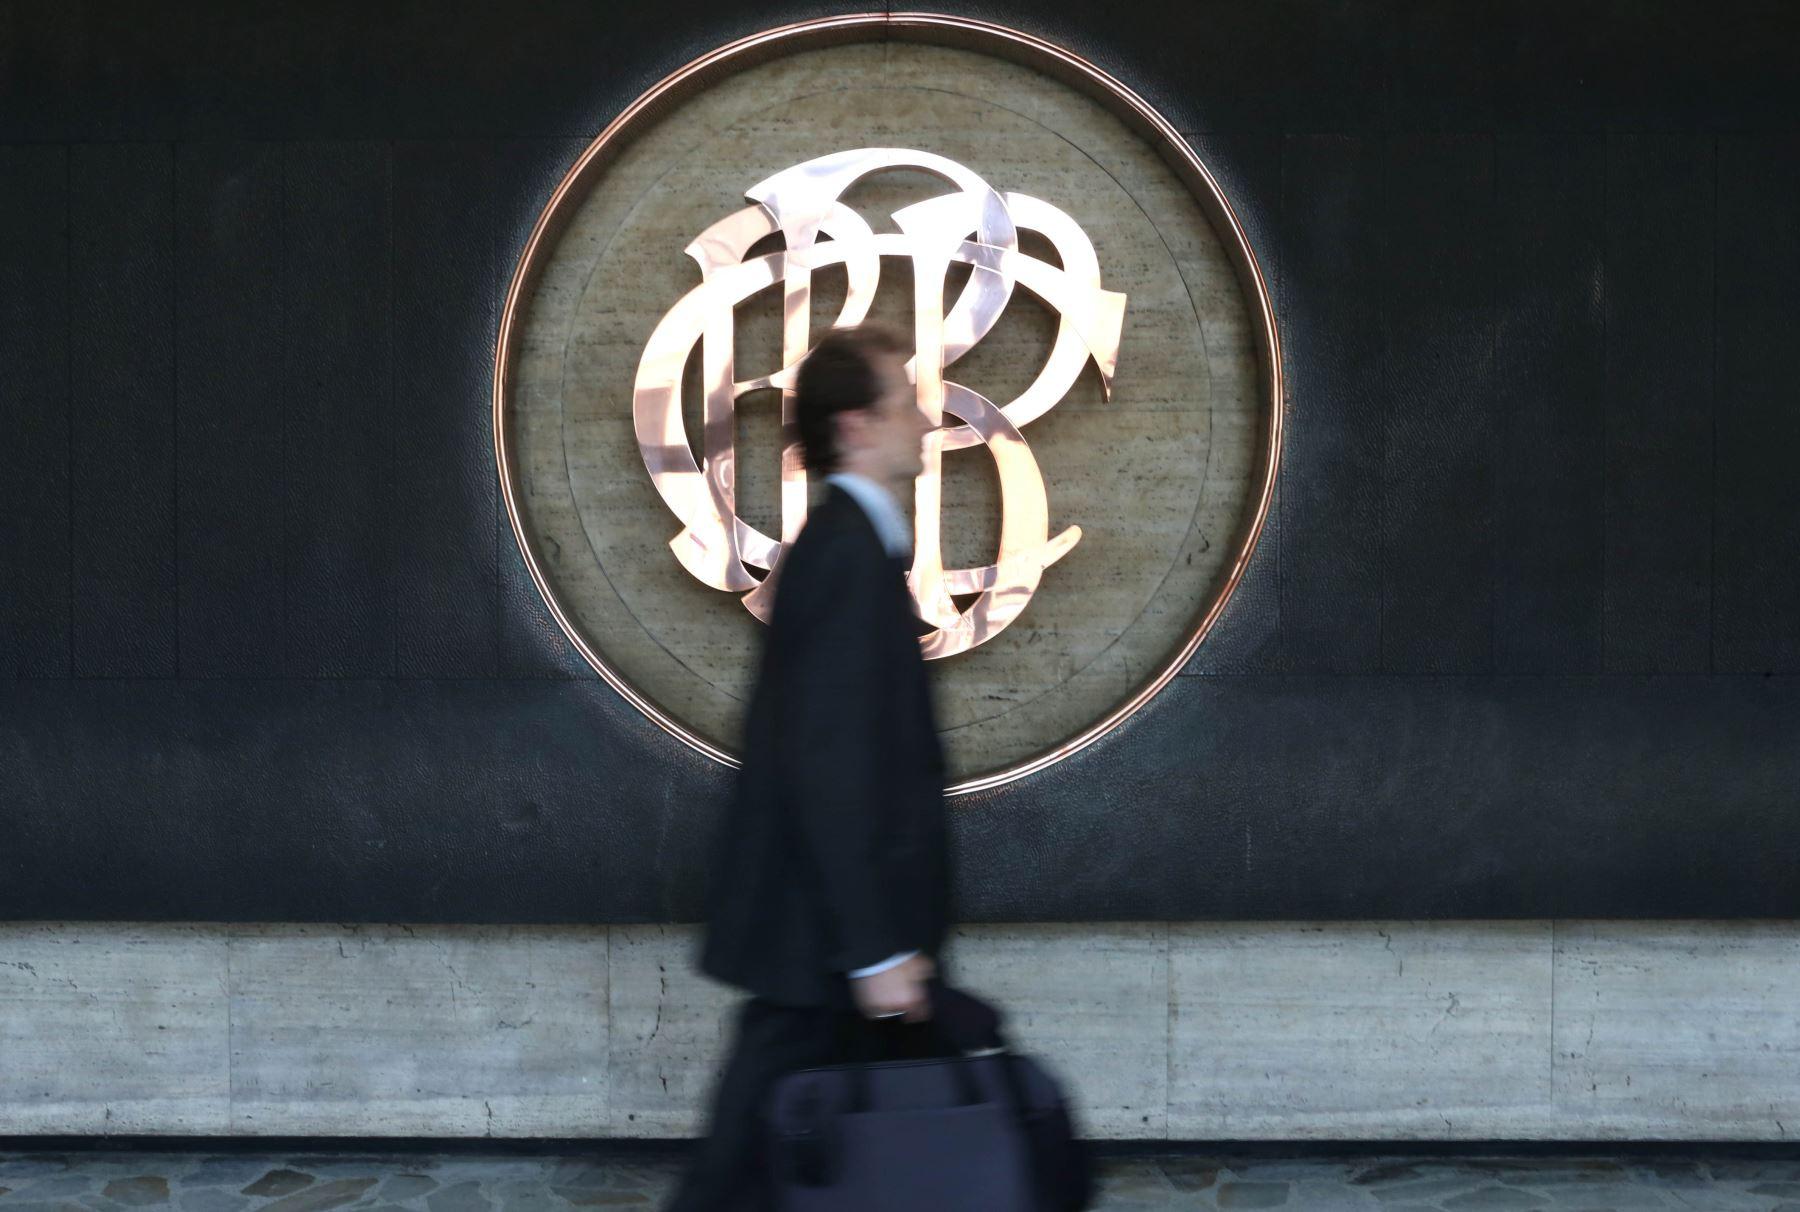 bcr-confianza-empresarial-retrocedio-ocho-puntos-en-agosto-y-sigue-en-tramo-pesimista